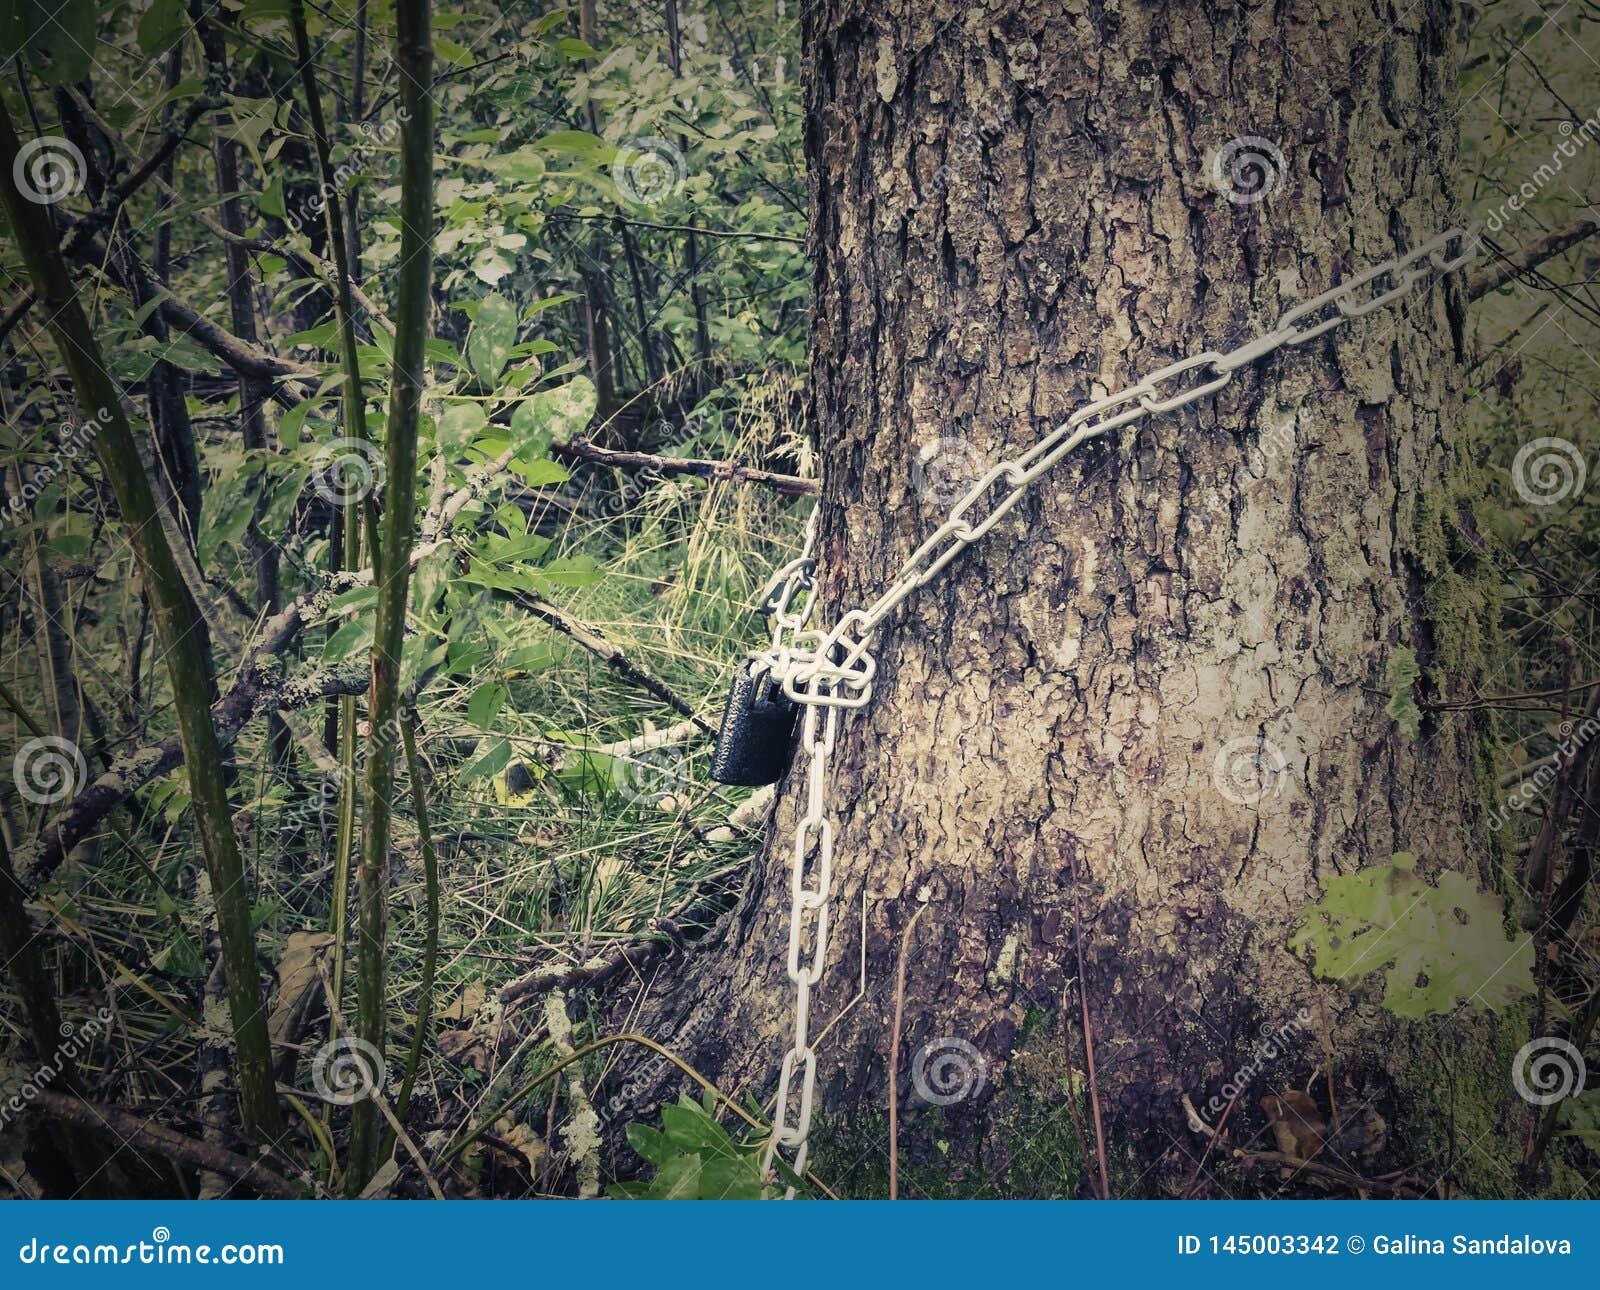 Verpakt rond een boomboomstam, is de ketting gesloten met een hangslot - het concept beschermingsbossen en aard, foto